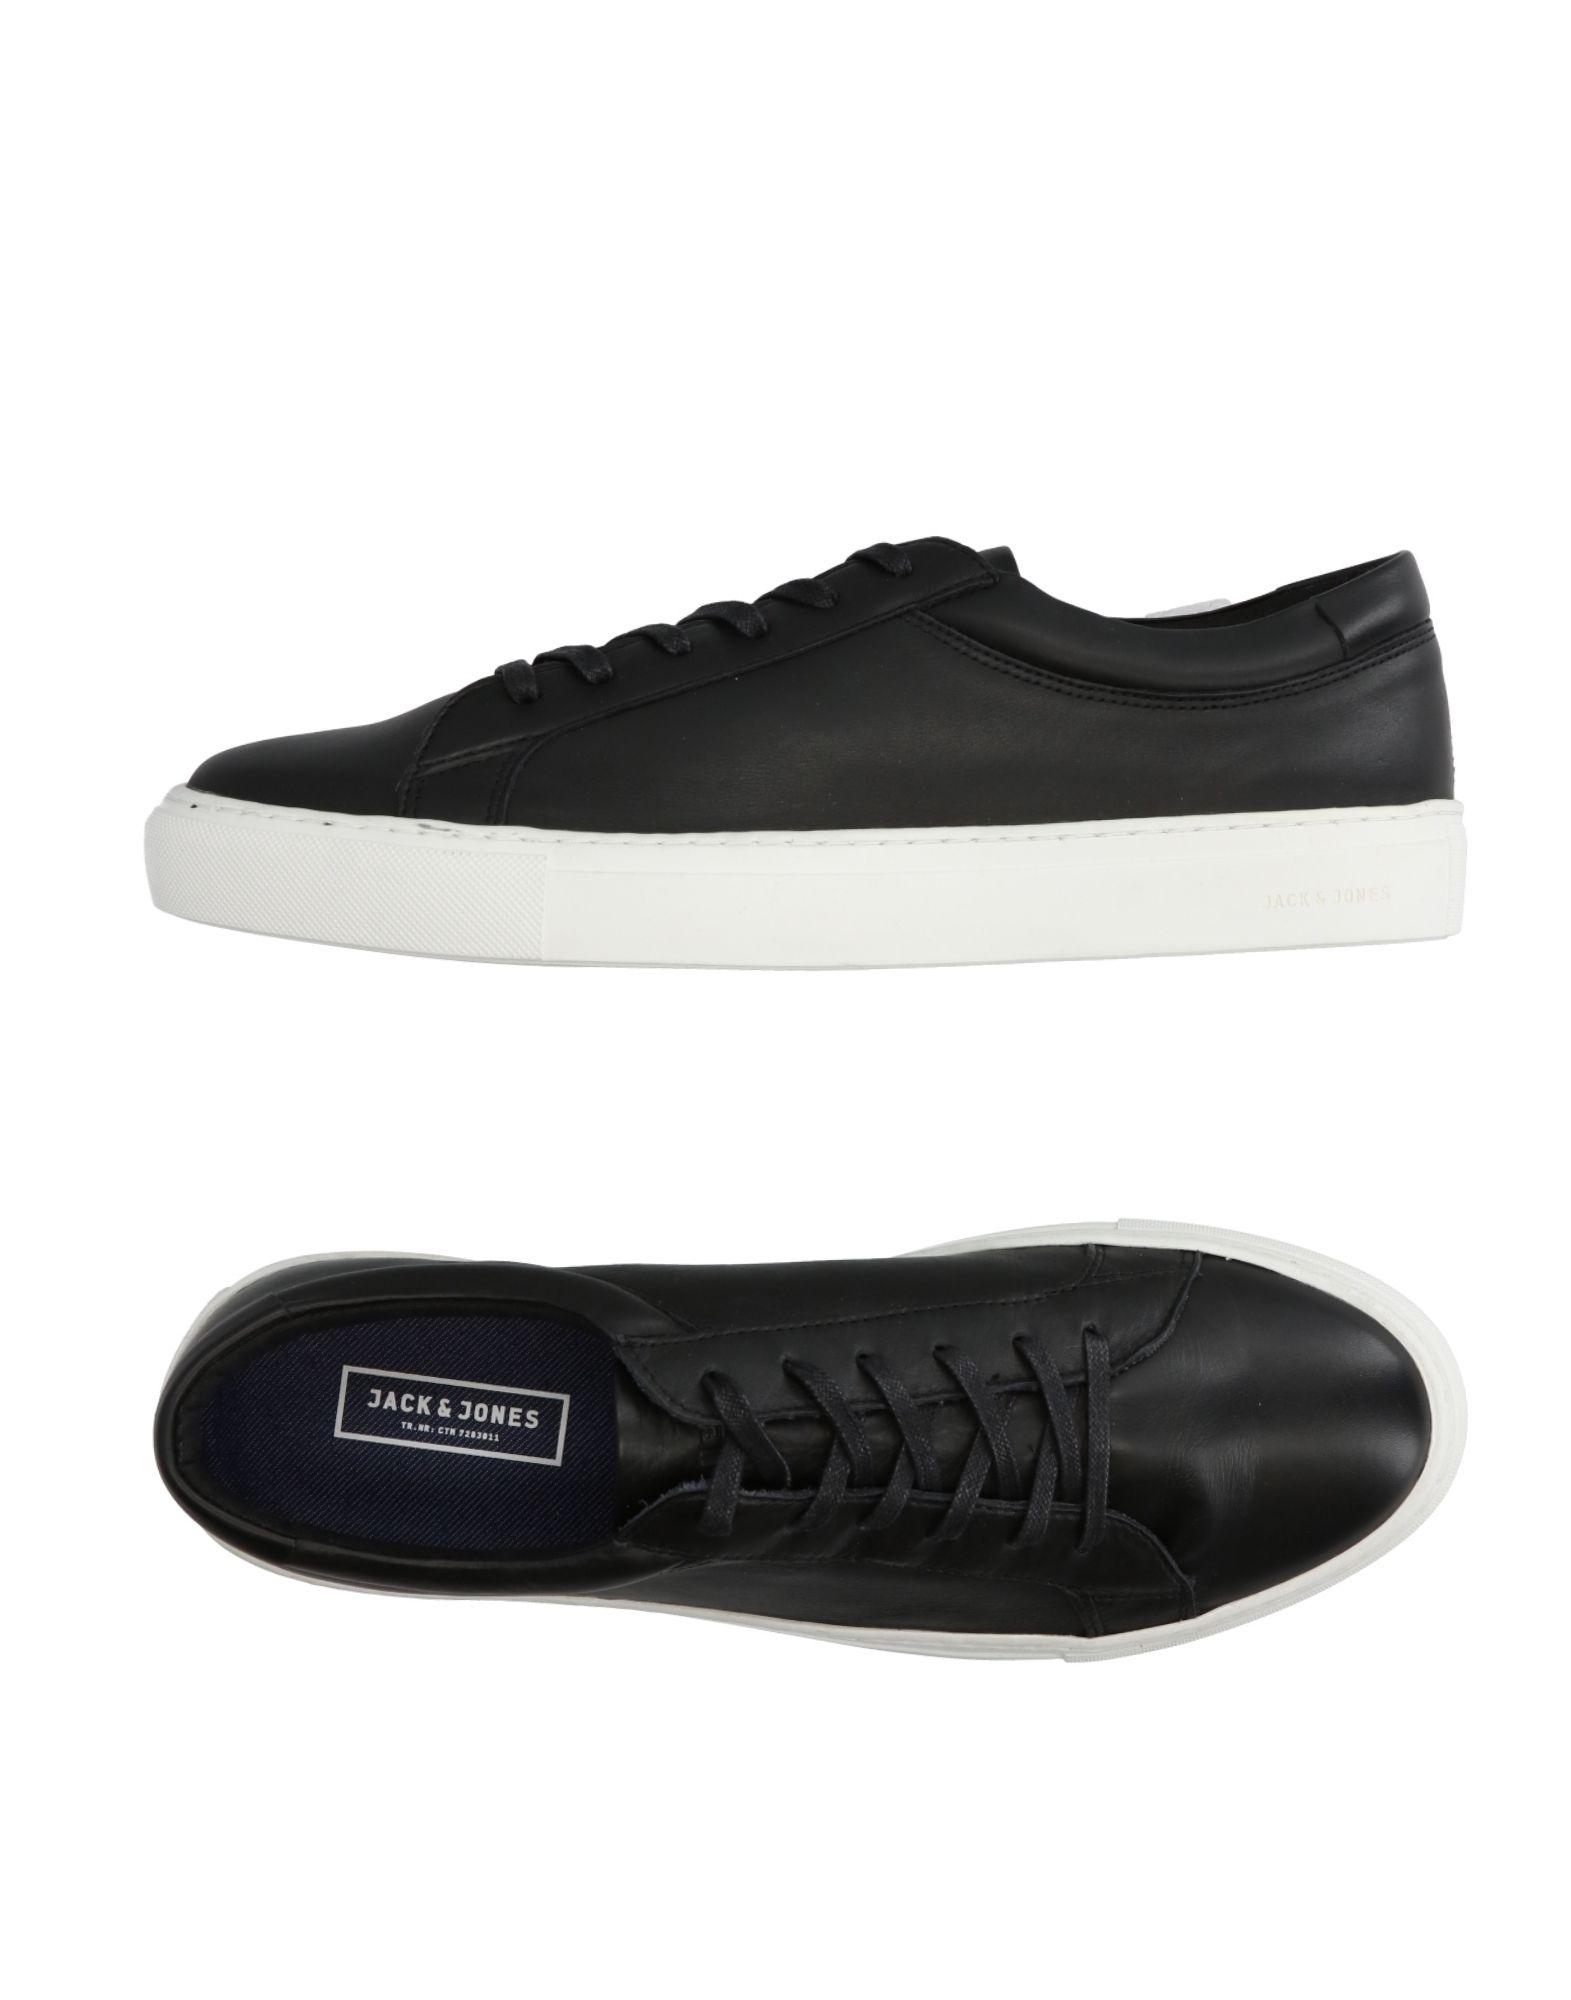 Jack & Jones Sneakers Herren  11287869AG Neue Schuhe